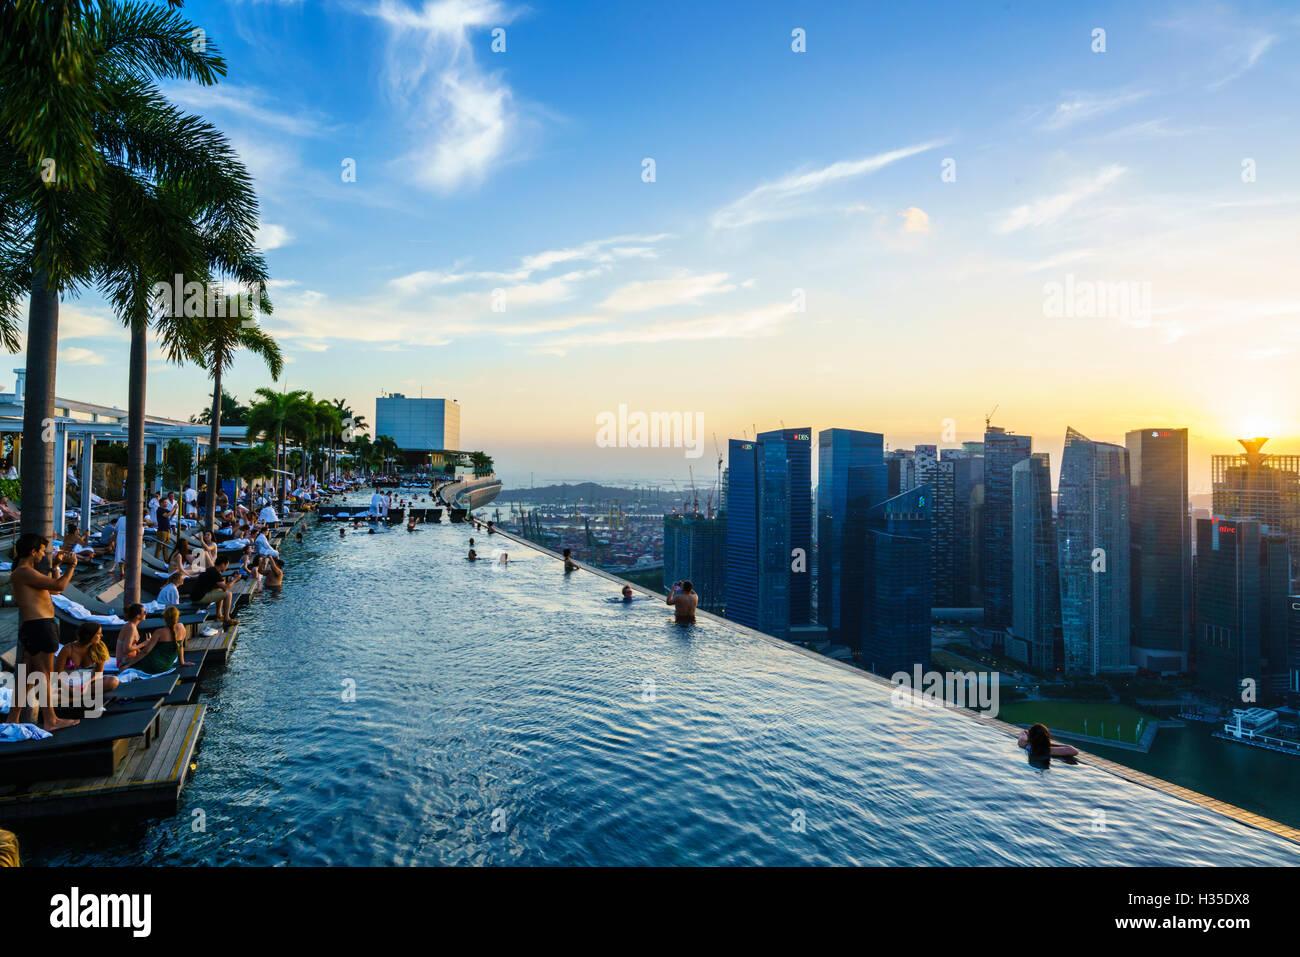 Piscine à débordement sur le toit de l'hôtel Marina Bay Sands avec des vues spectaculaires sur Photo Stock